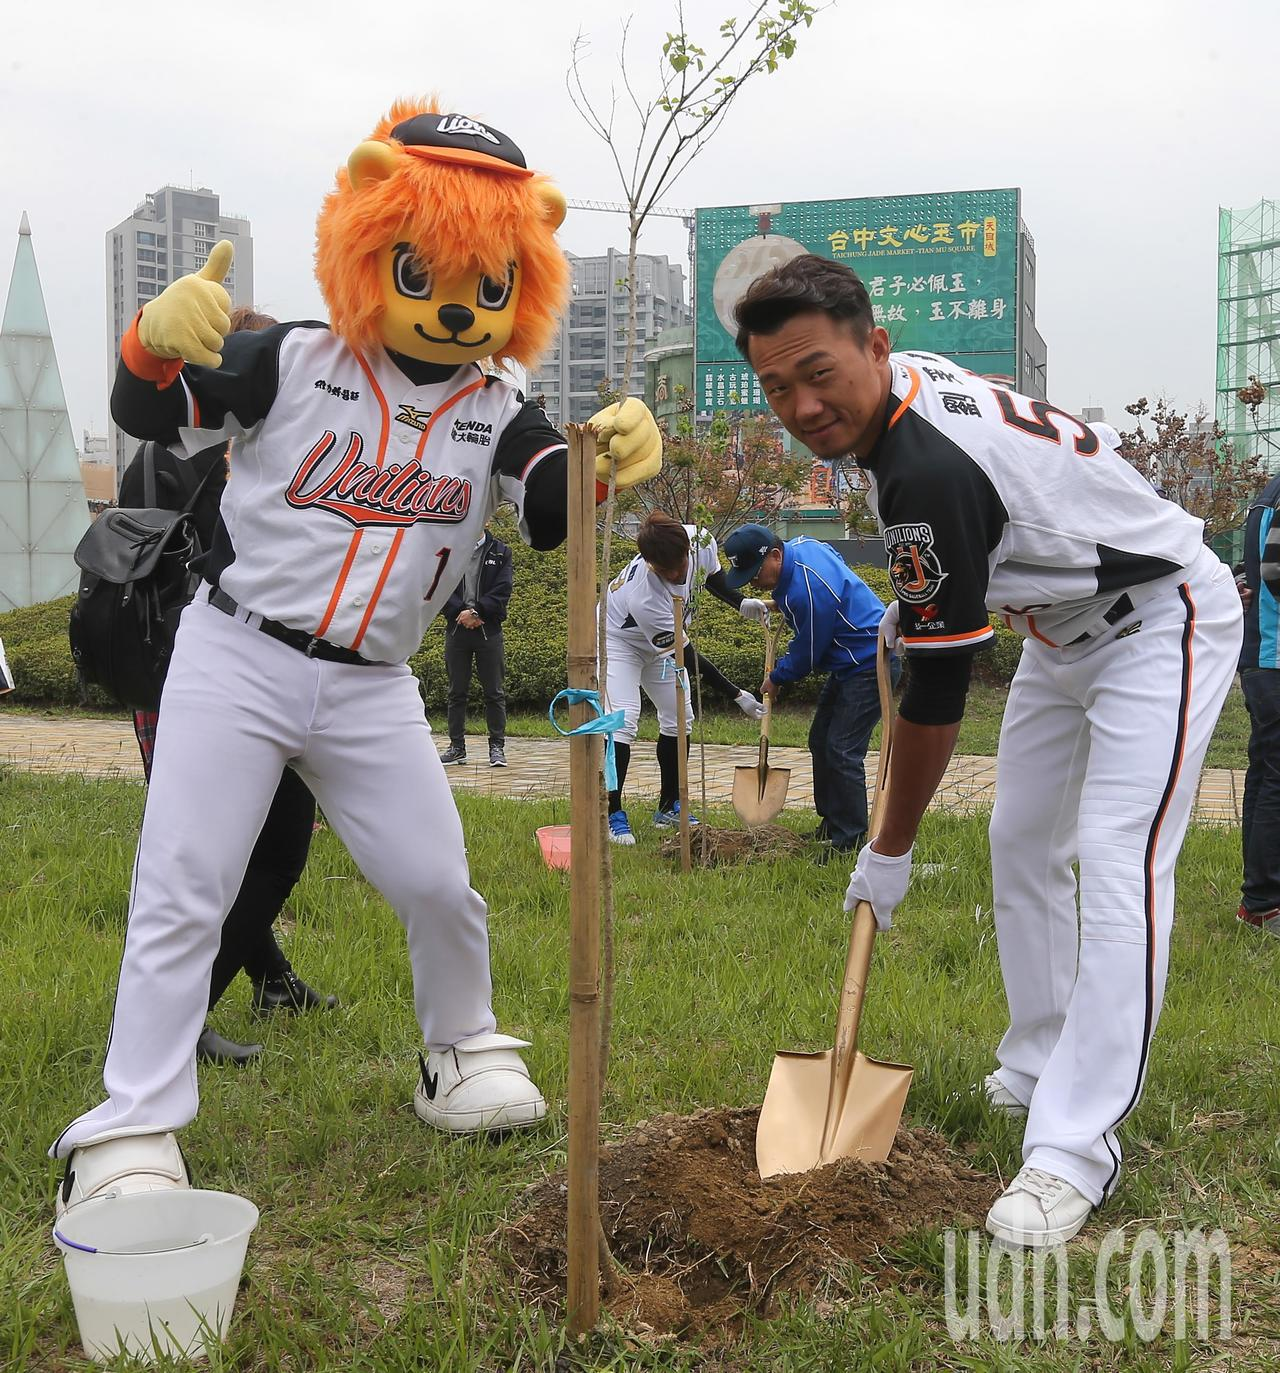 中職例行賽將於3月24日開打,職棒球星劉芙豪(右)參與開季宣告植樹活動。 記者黃...